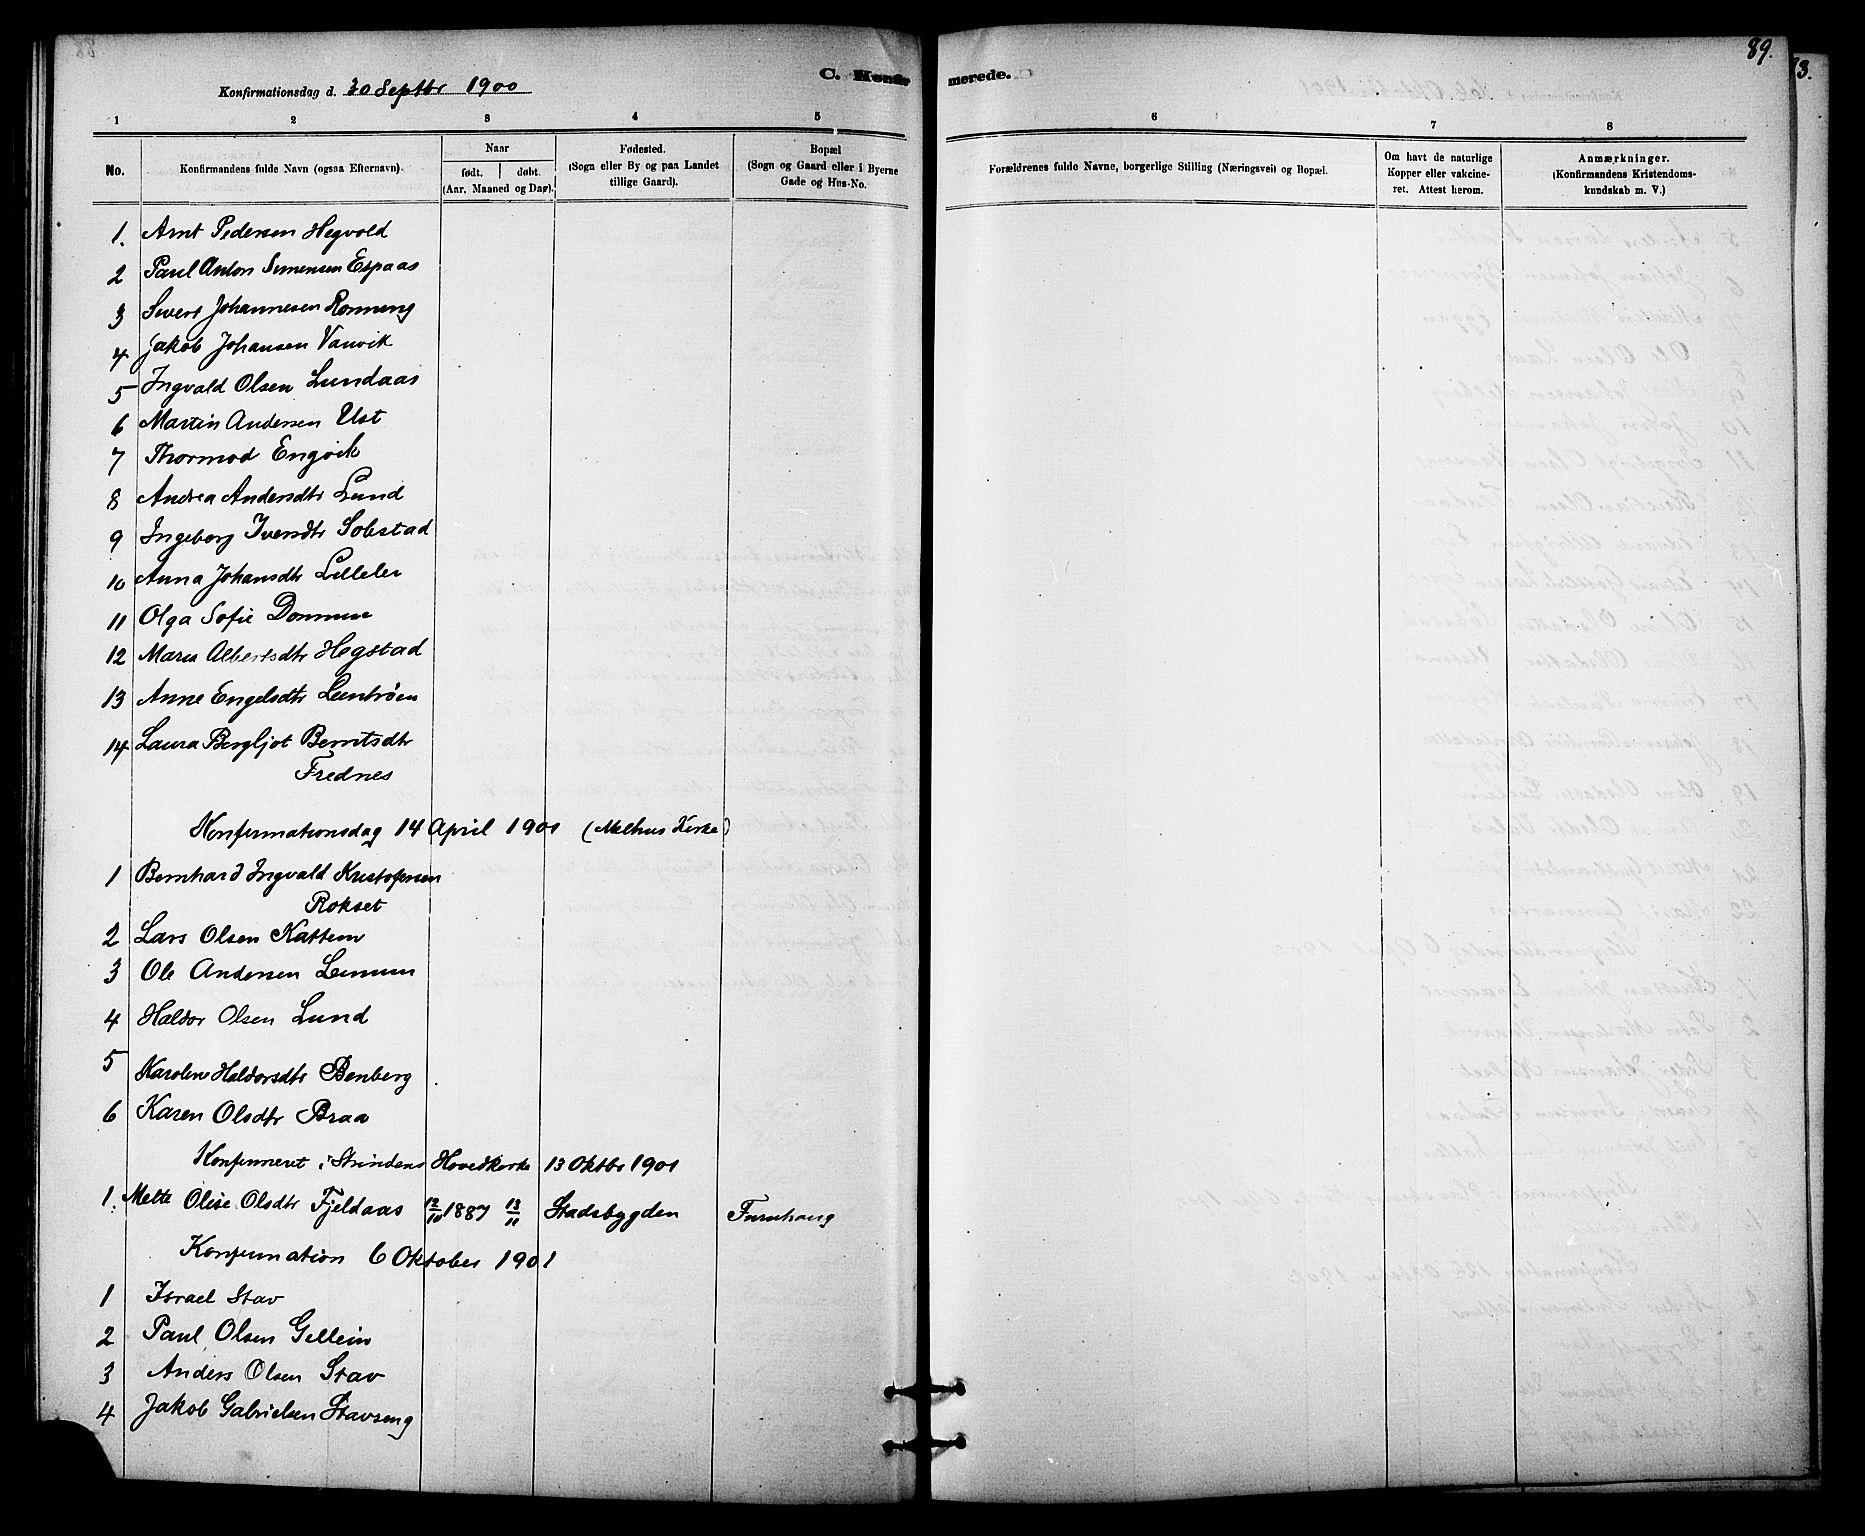 SAT, Ministerialprotokoller, klokkerbøker og fødselsregistre - Sør-Trøndelag, 613/L0395: Klokkerbok nr. 613C03, 1887-1909, s. 89